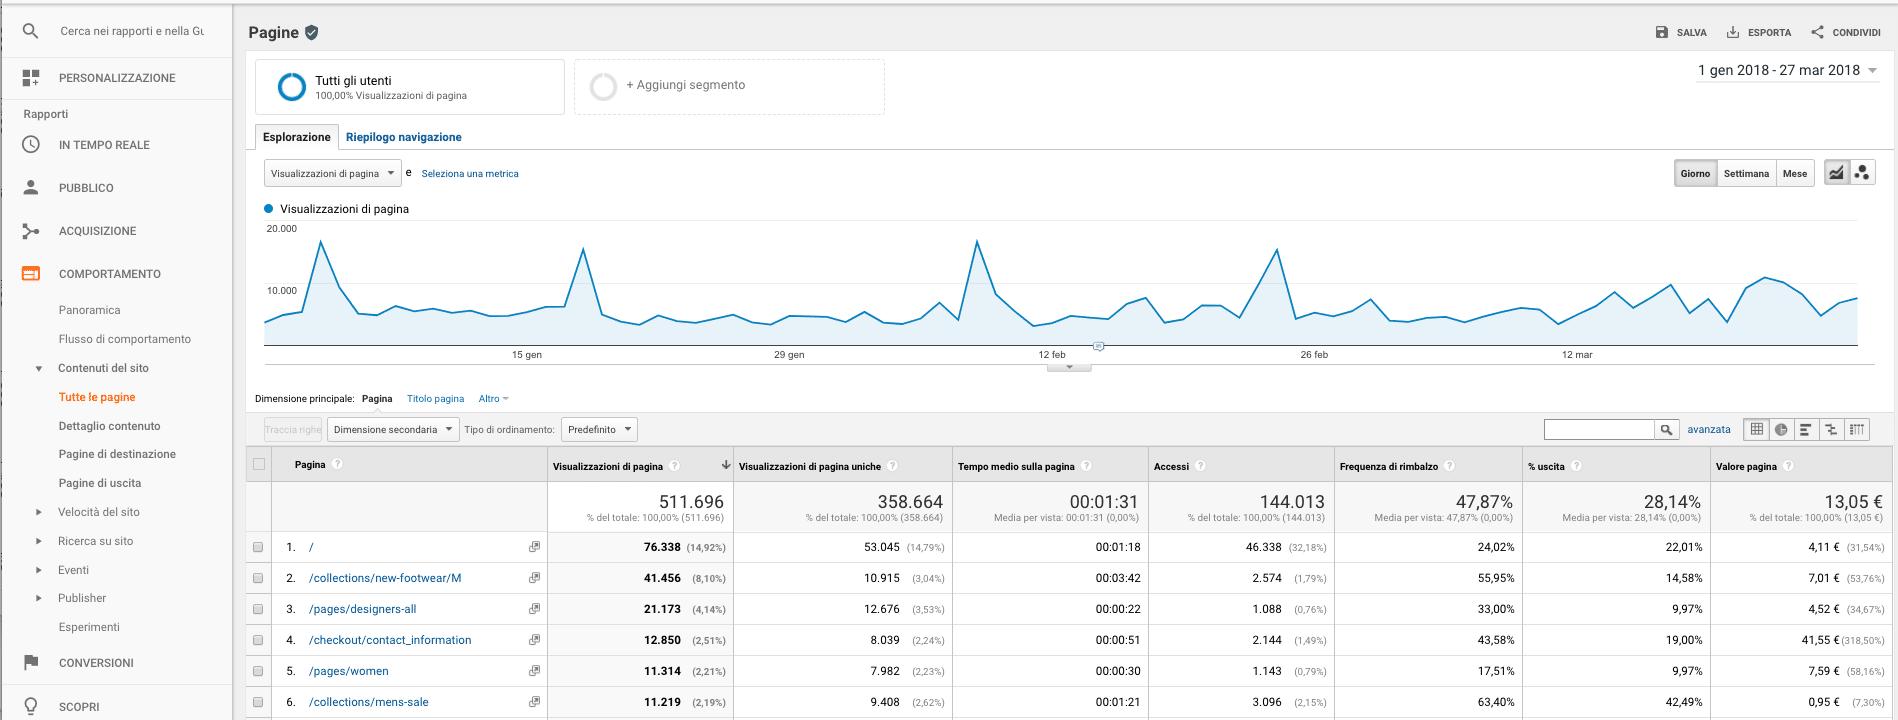 Rapporto Comportamento in Google Analytics